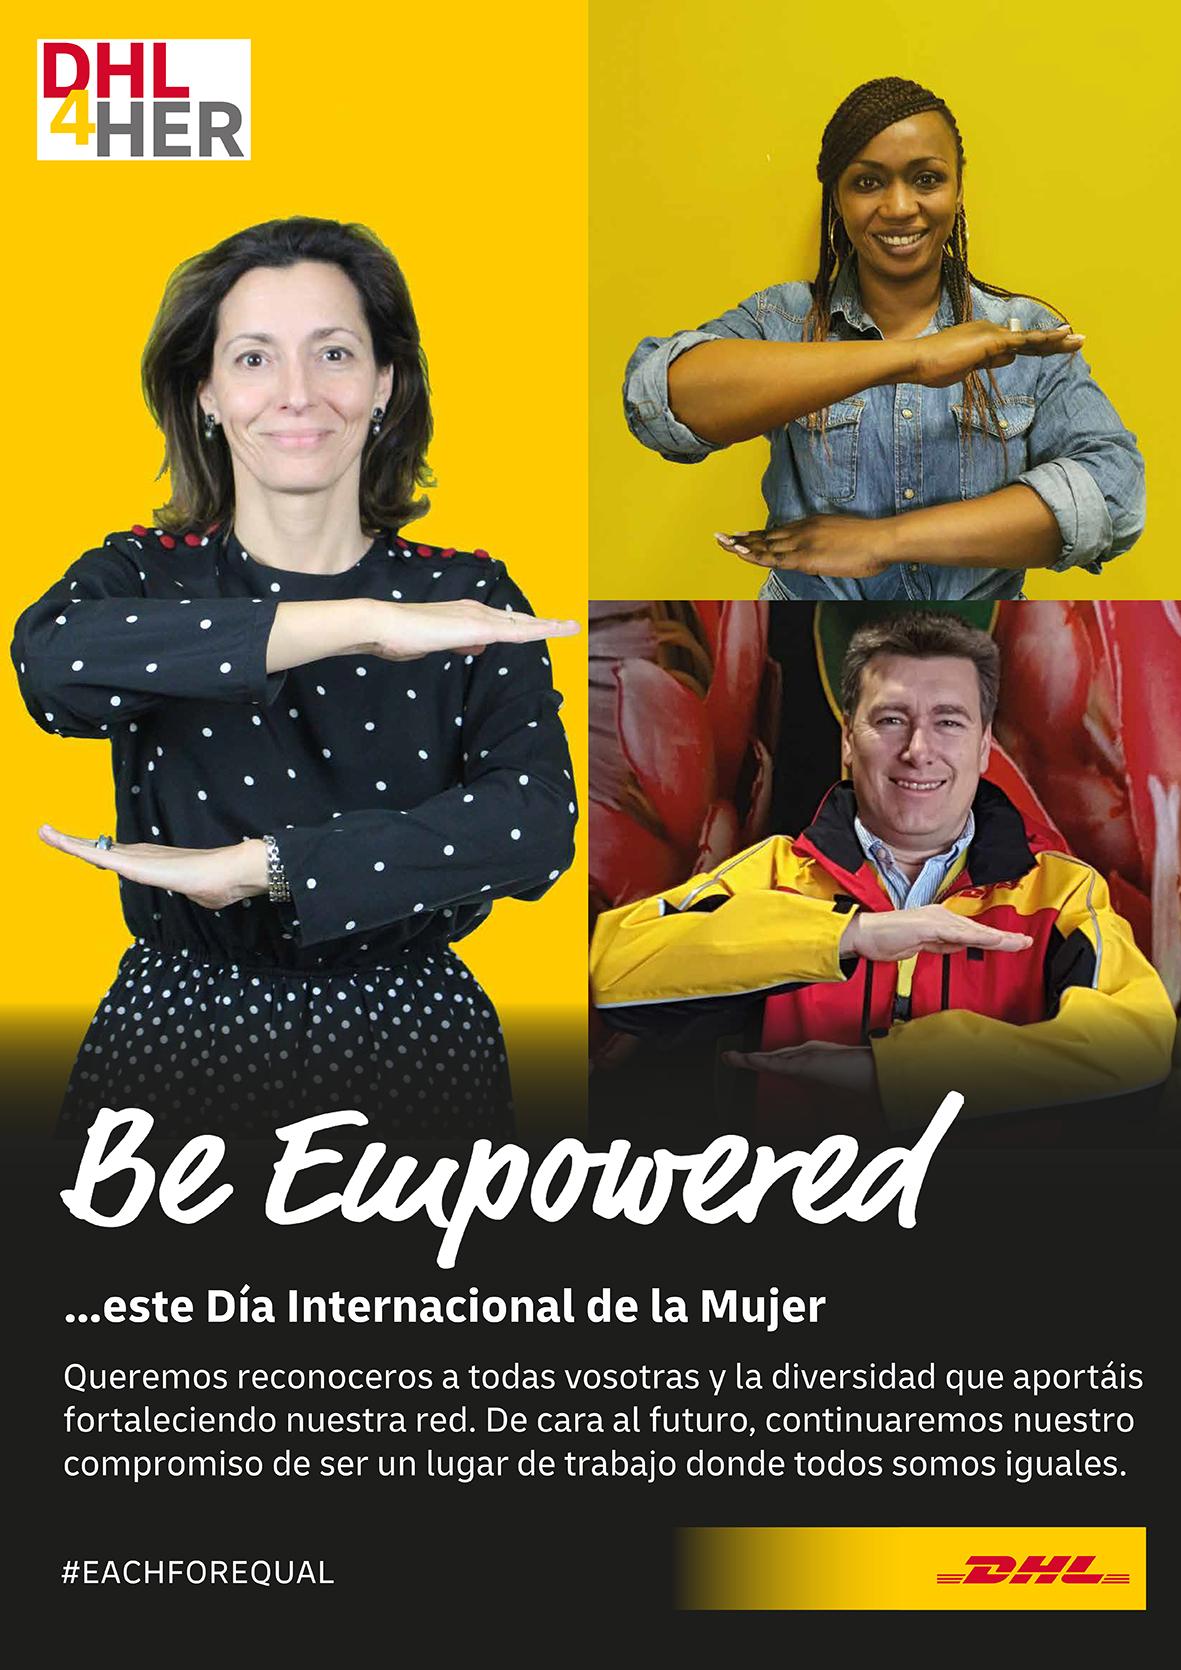 Programa de igualdad DHL4HER de DHL